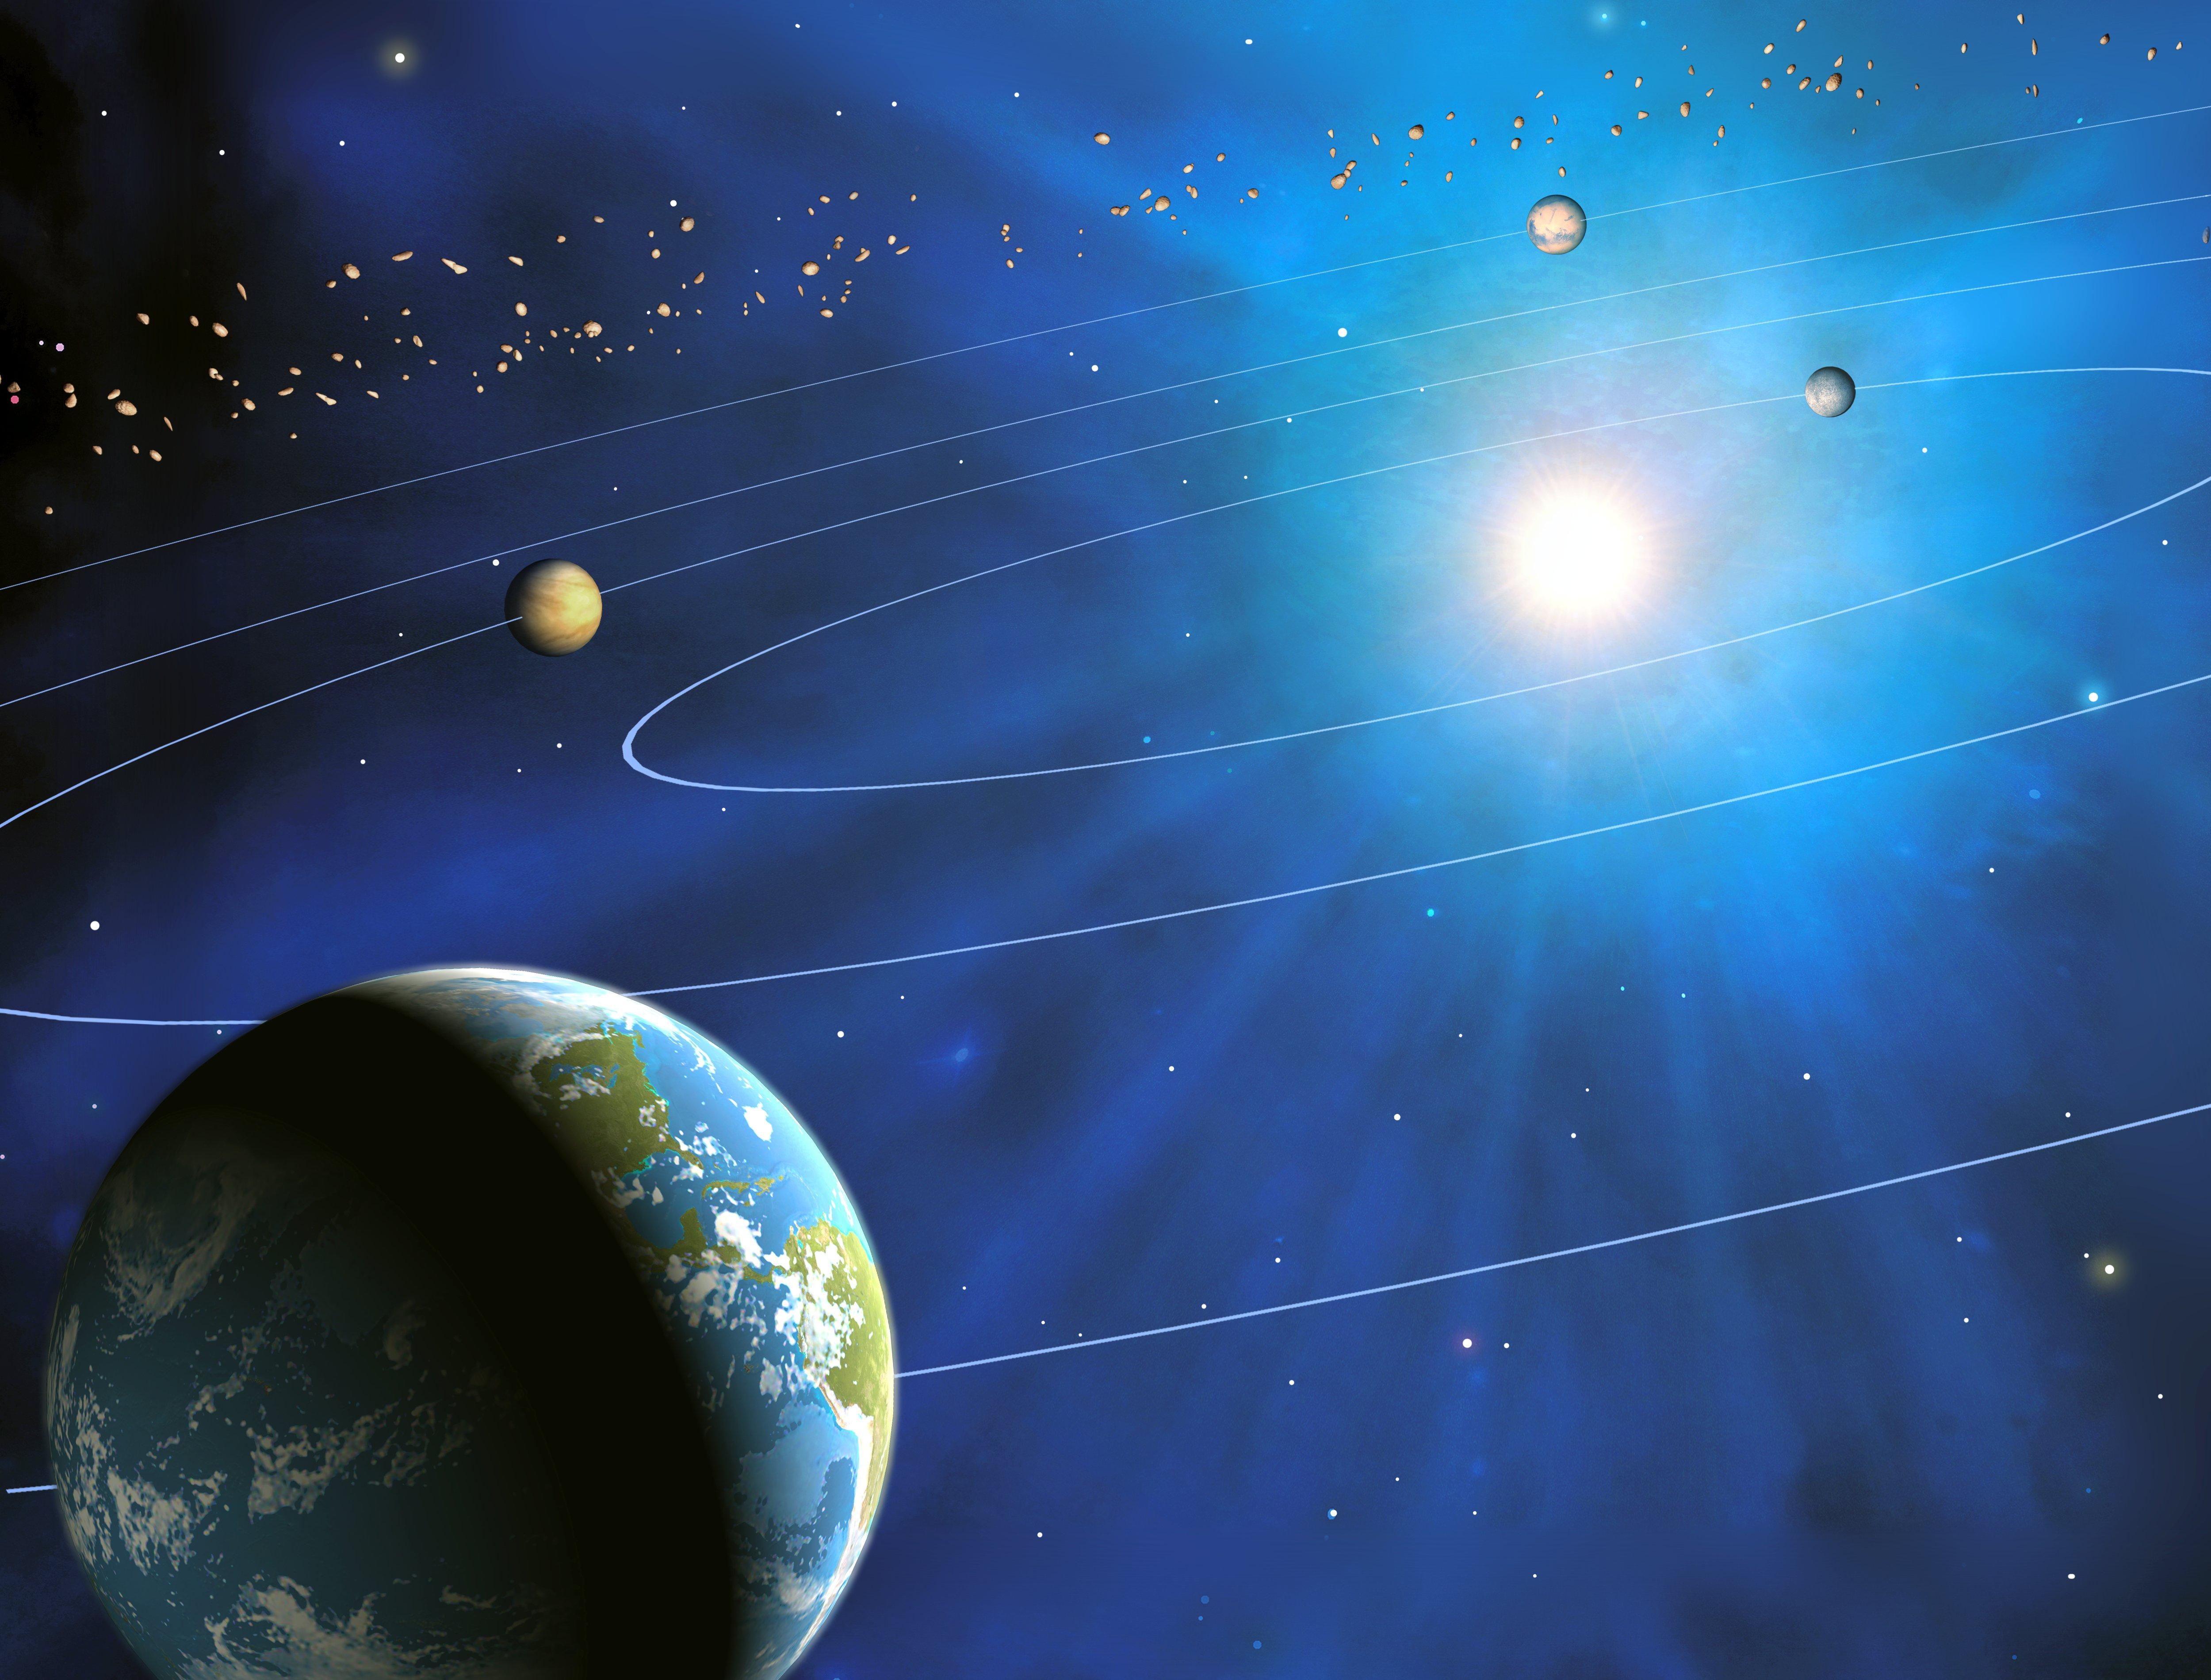 Fenomenul care s-a petrecut pentru prima data in acest deceniu. Cinci planete, vizibile de pe Terra, in acelasi timp